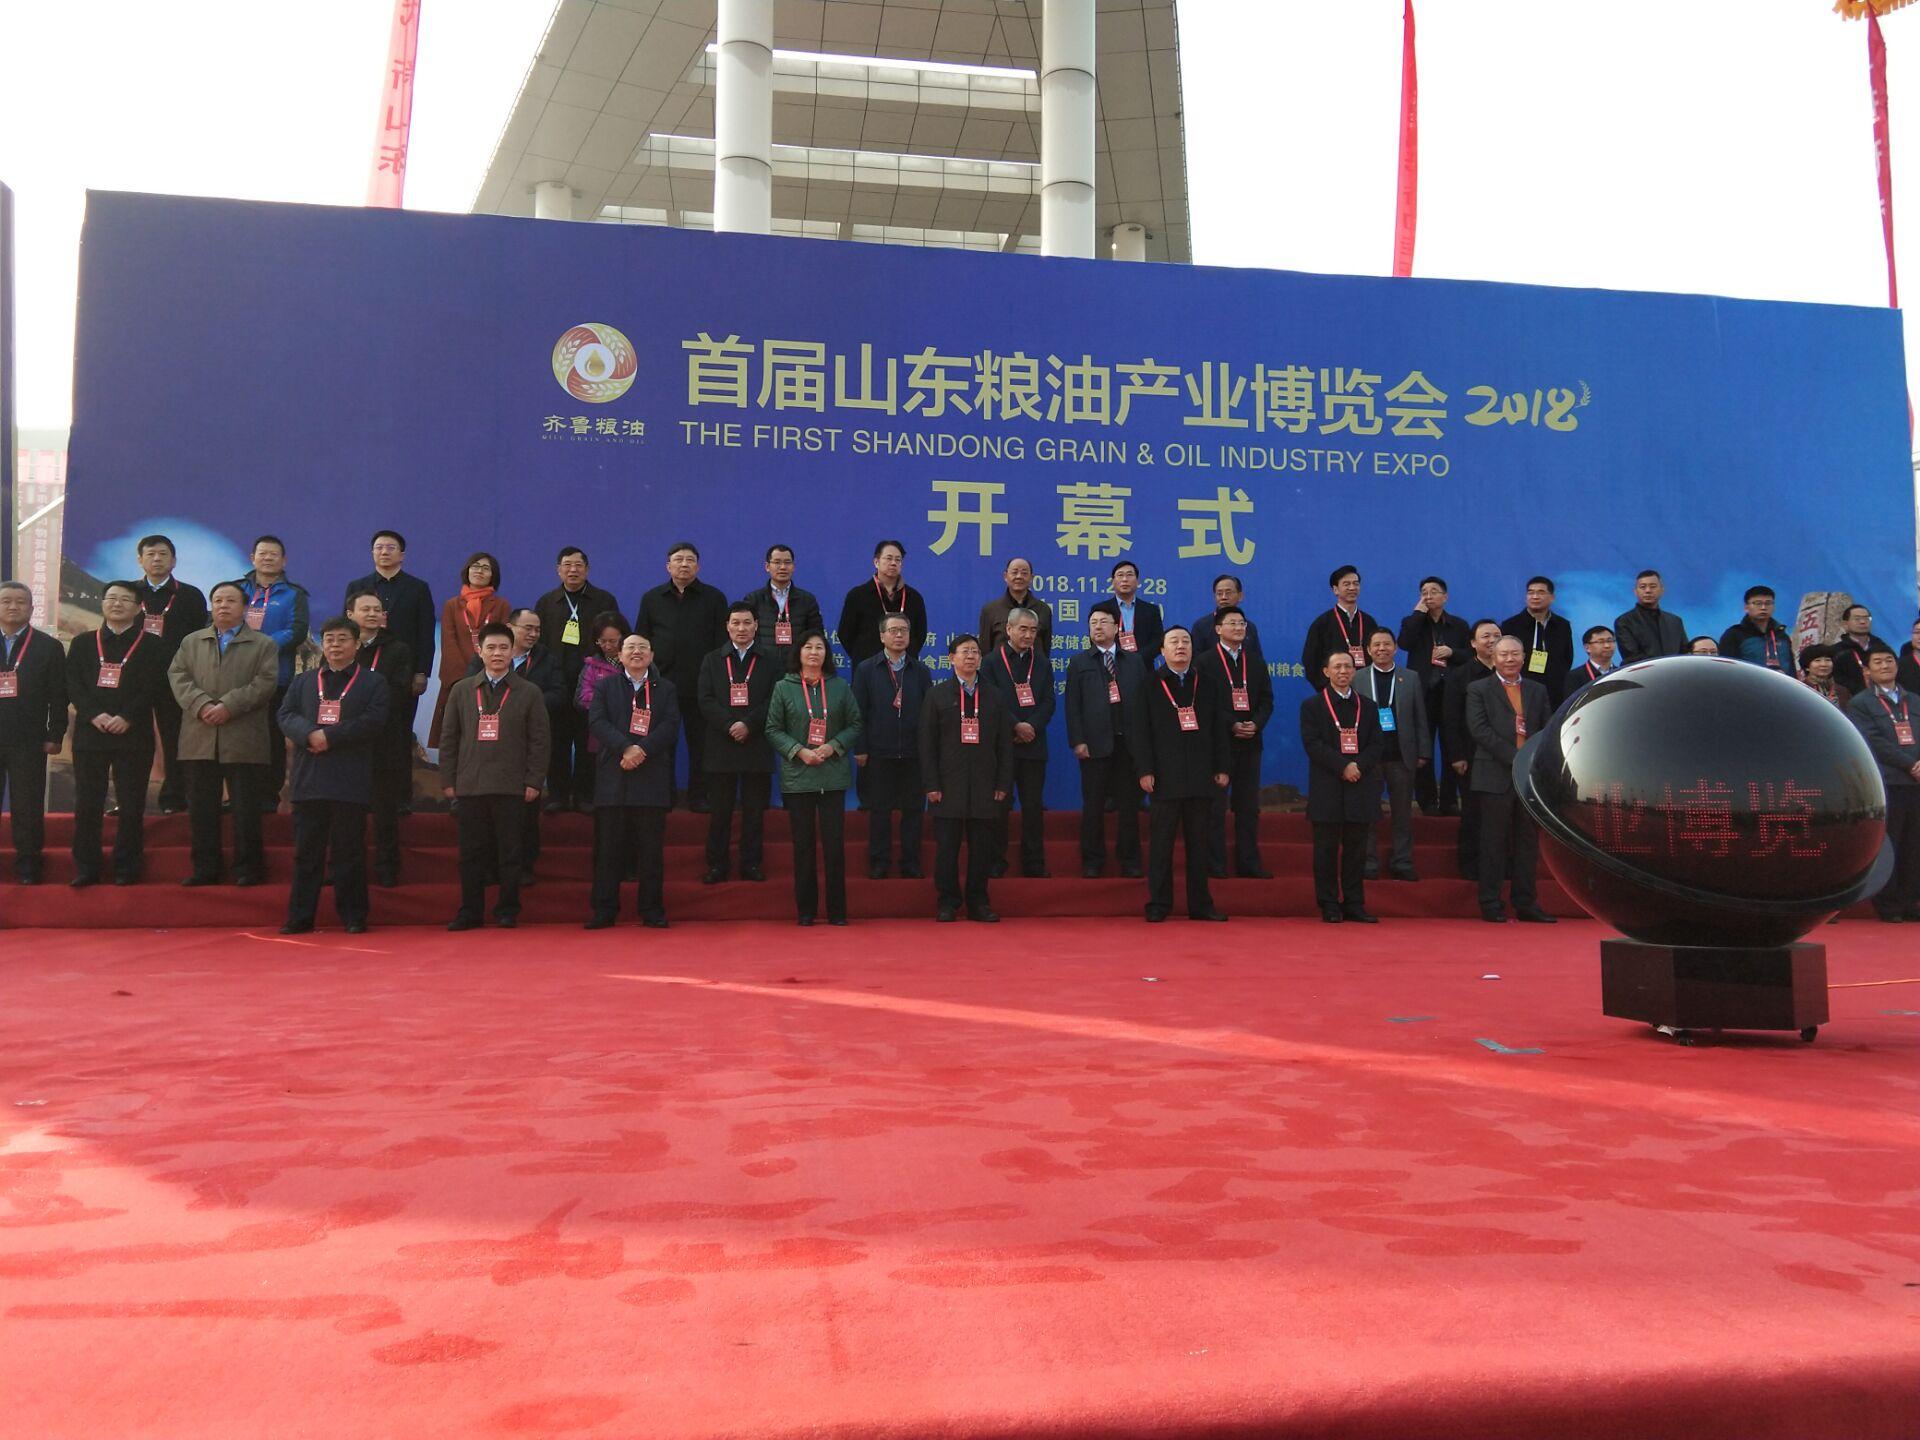 首届山东粮油产业博览会在滨州举办 参展企业达280多家